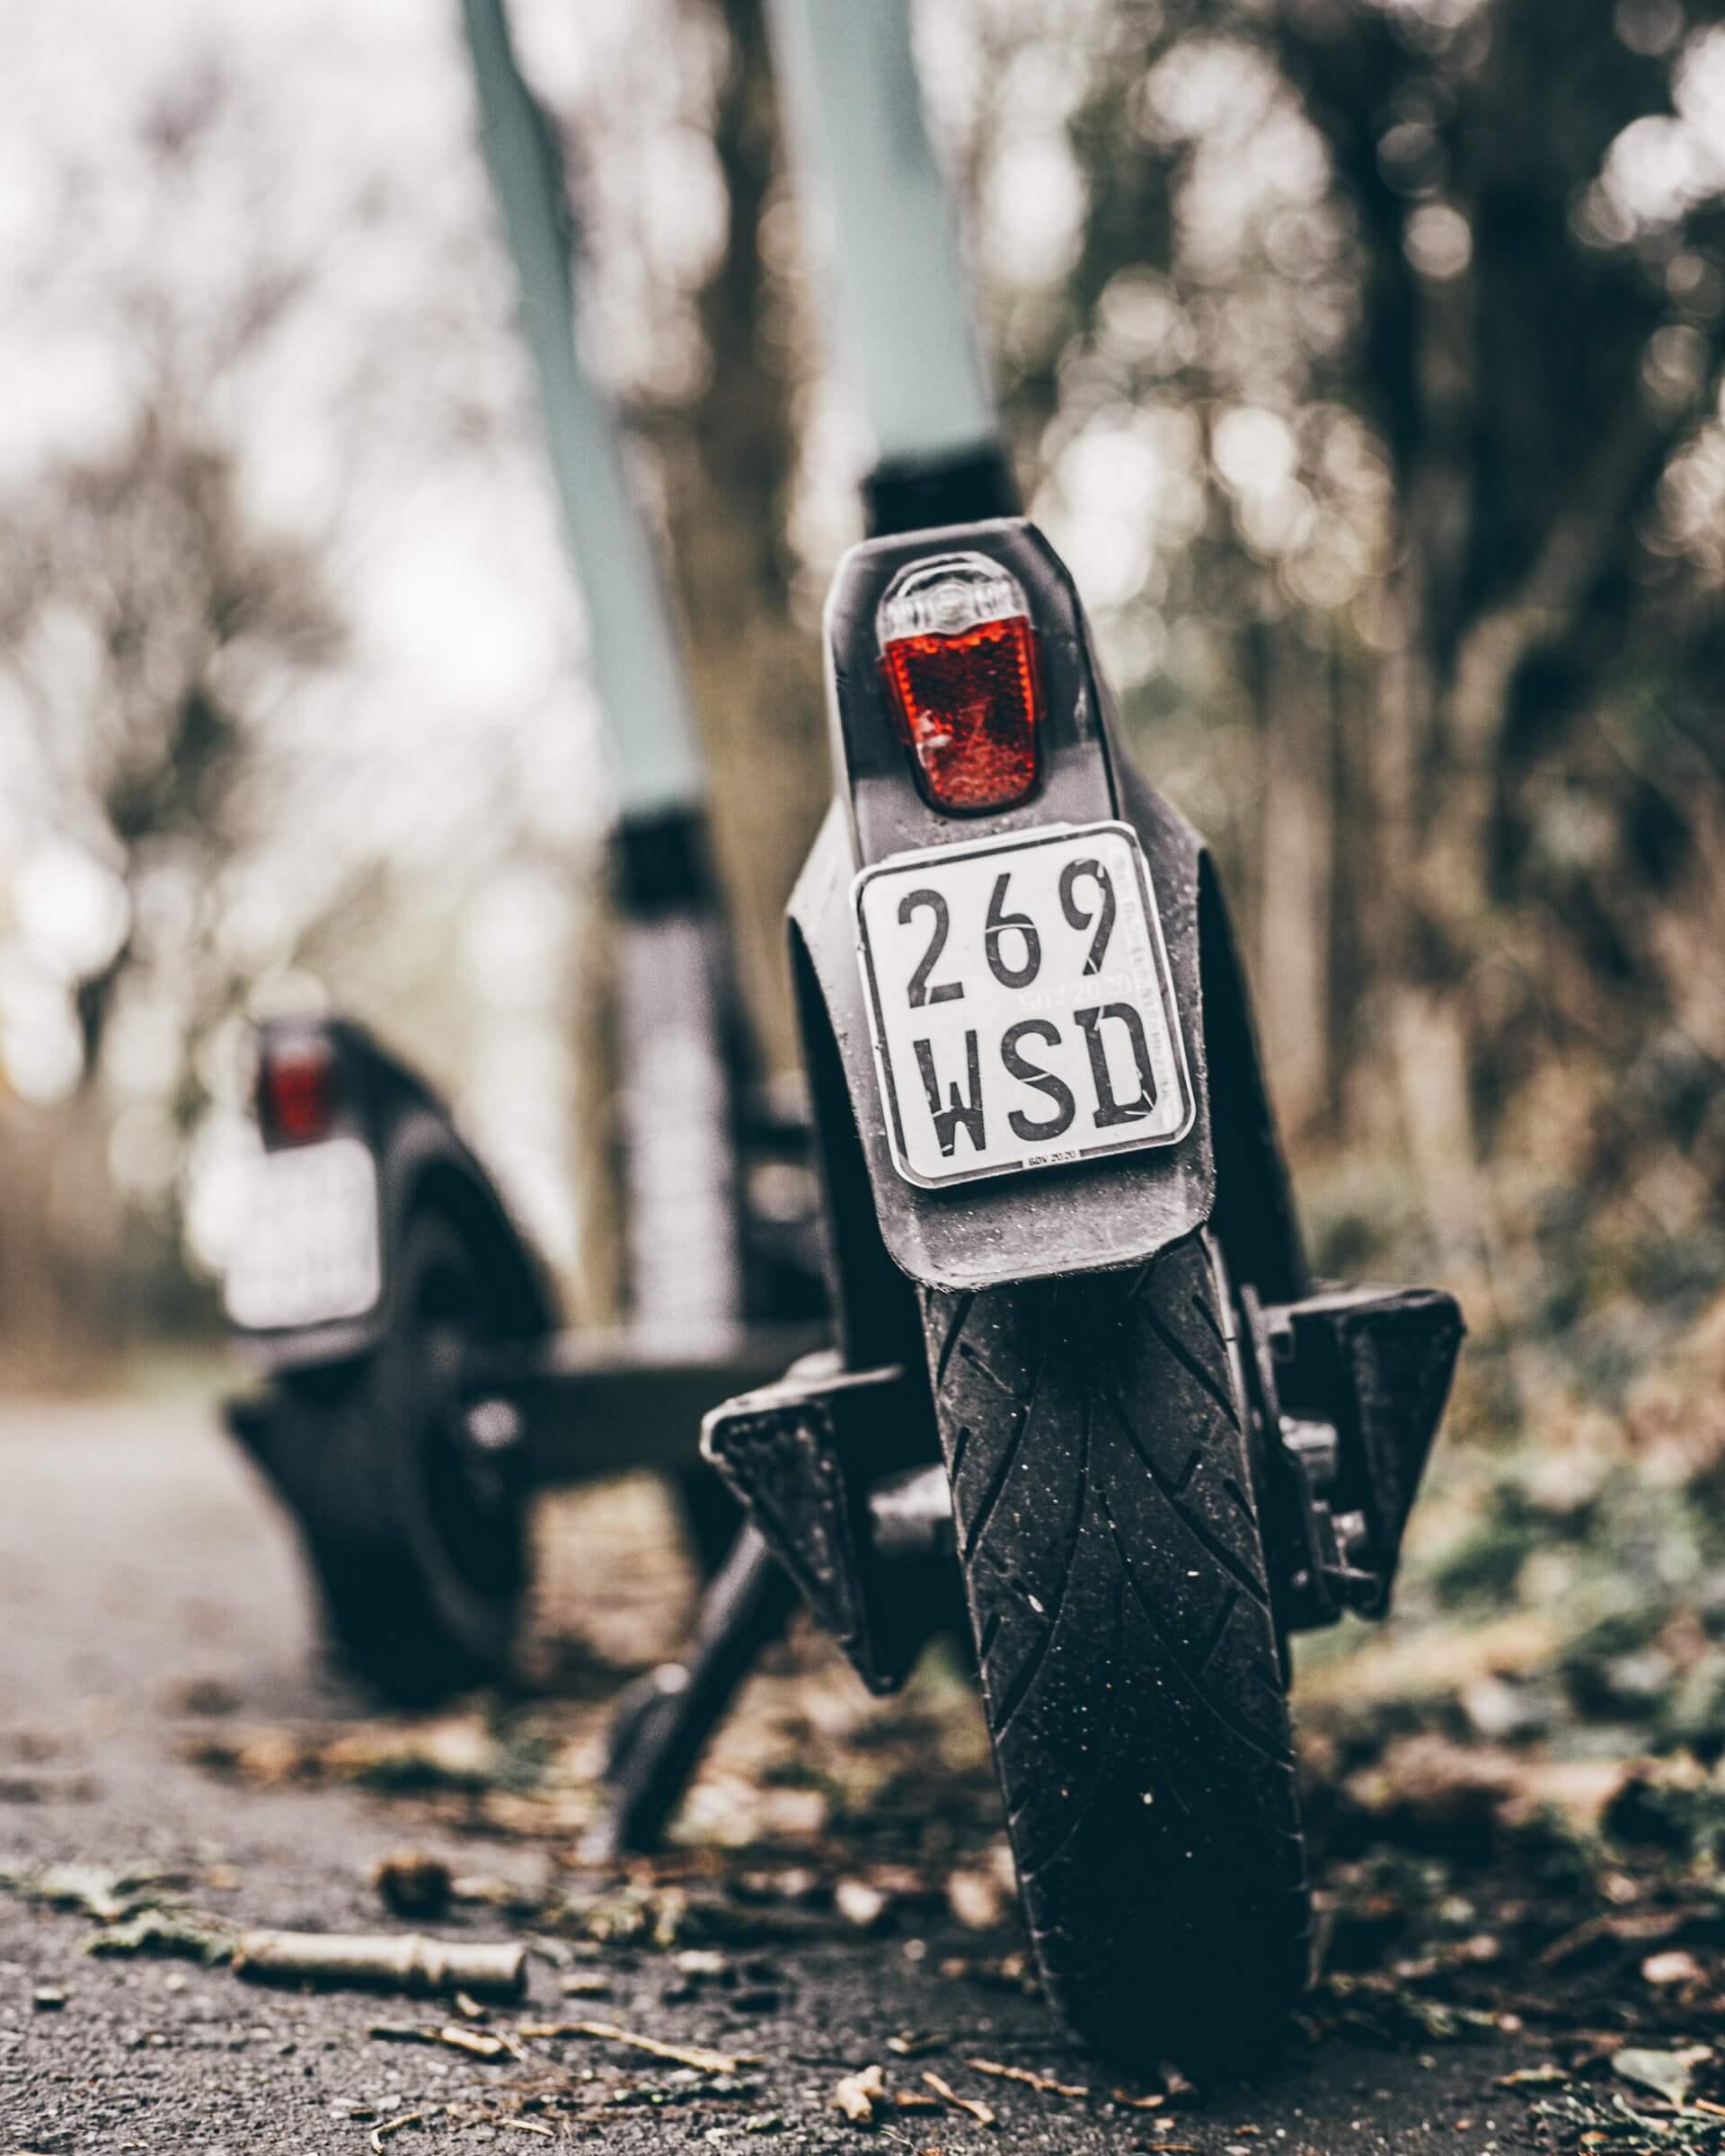 la presión de neumáticos de la moto